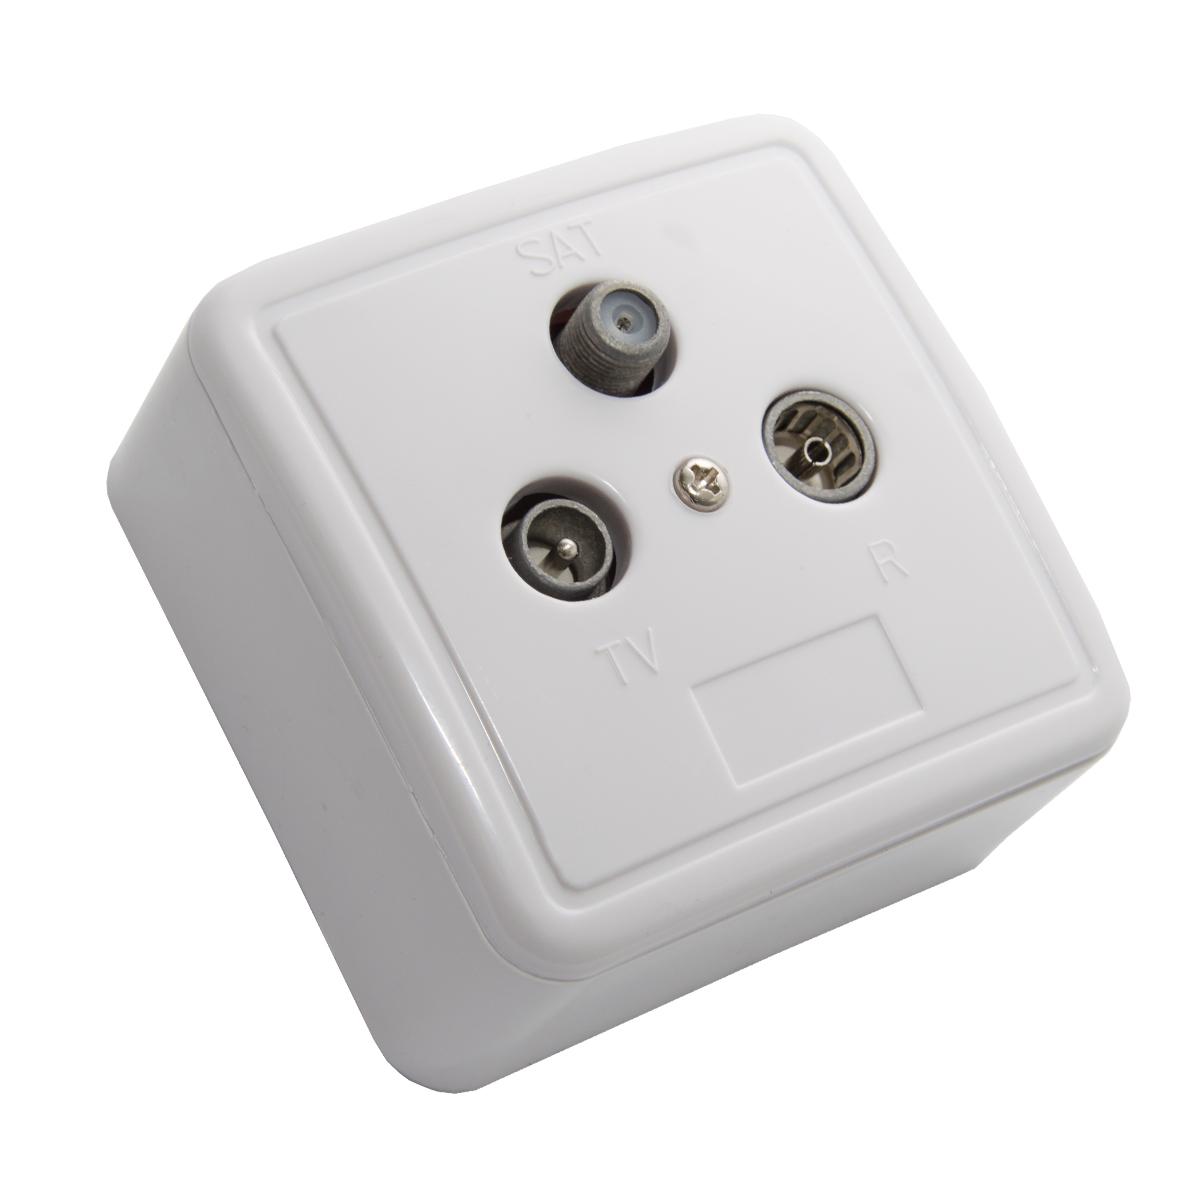 10x PremiumX PX3 Antennendose 3-Fach Enddose Antennen-Dose Aufputz Unterputz